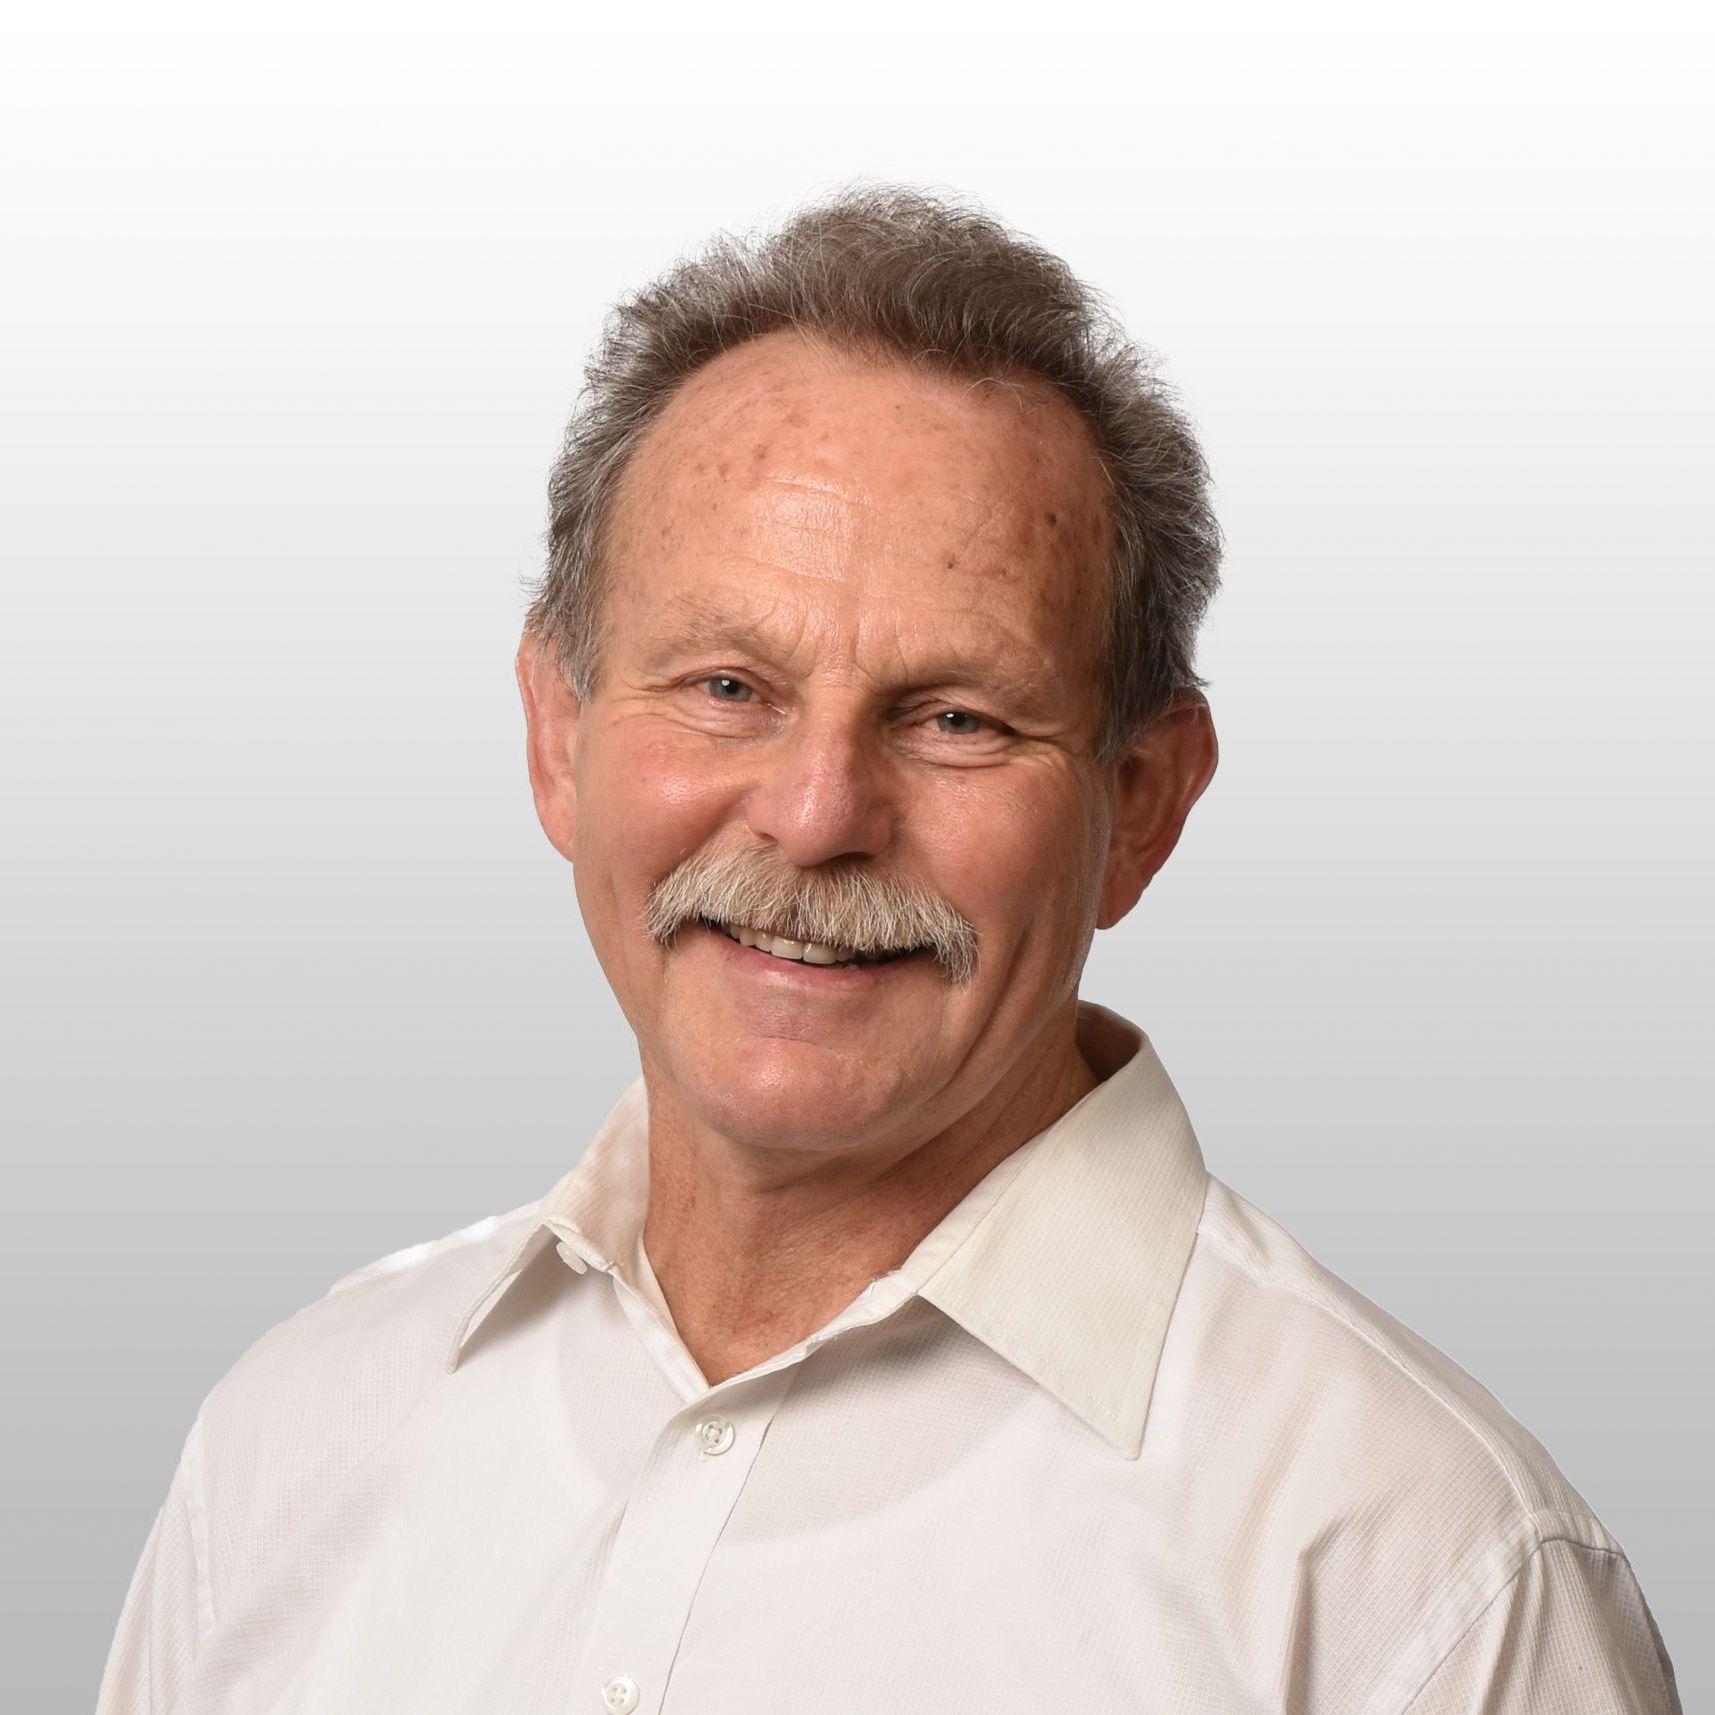 Paul Knoblach